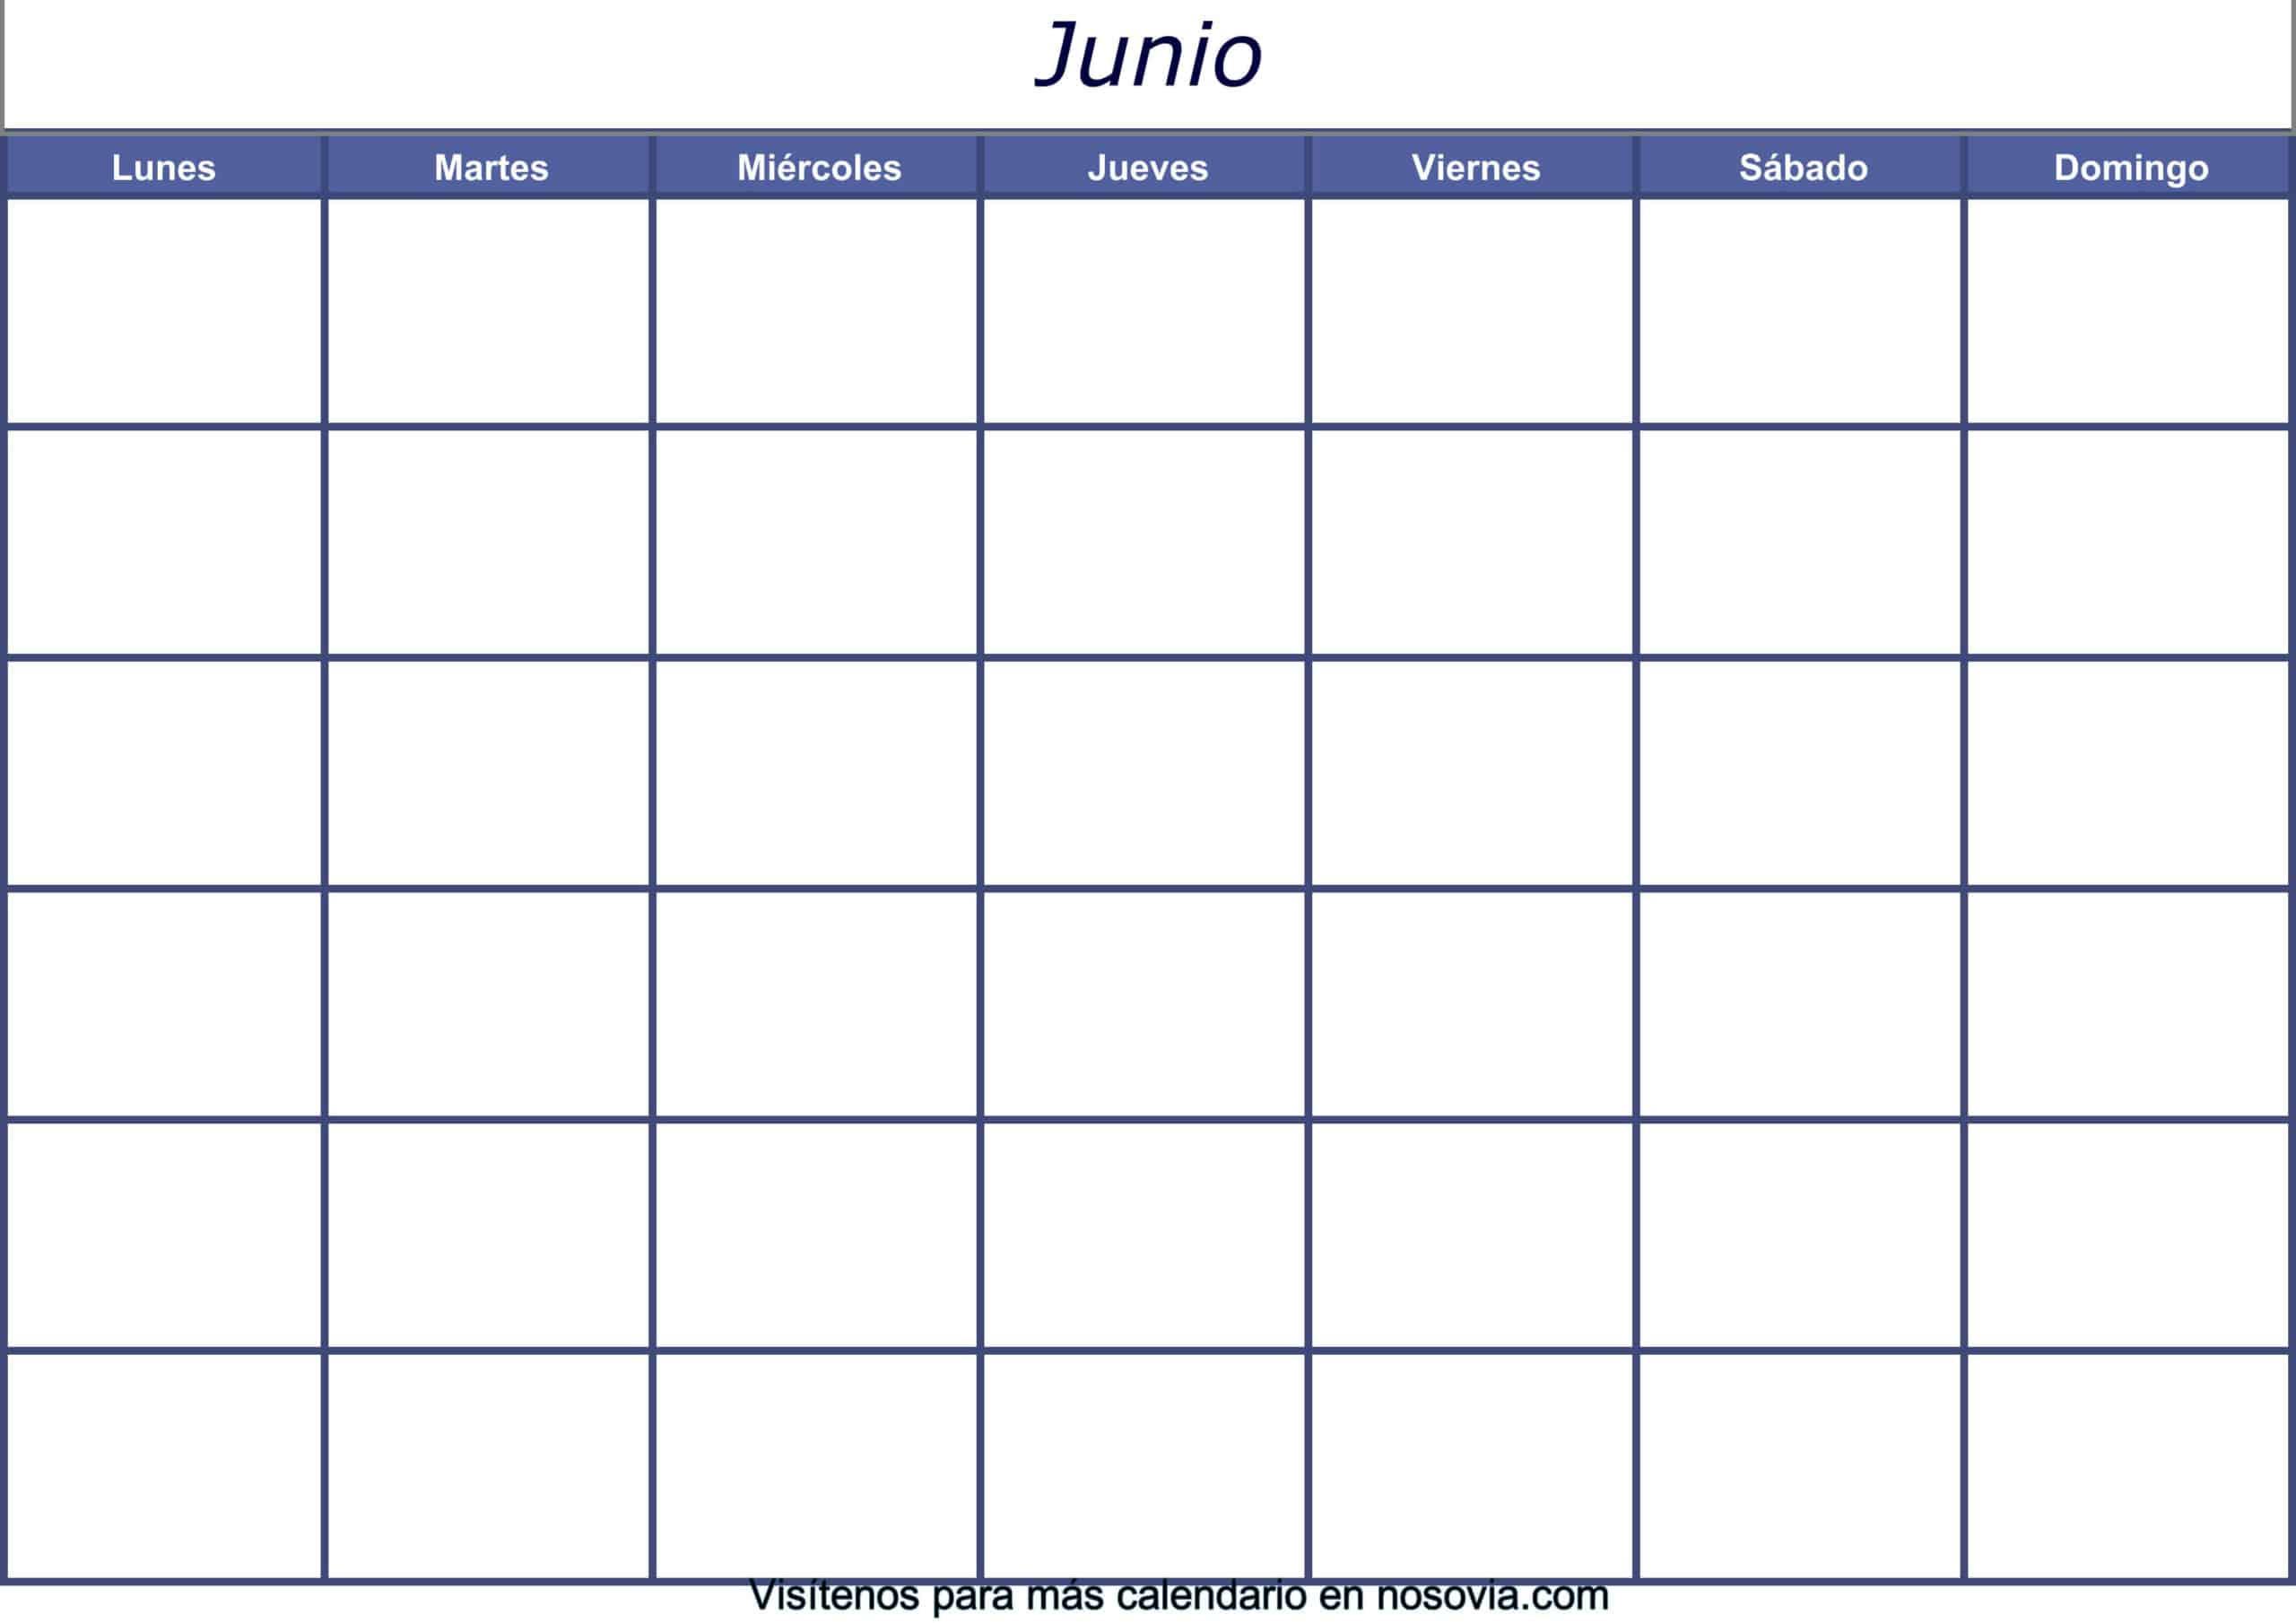 Calendario-junio-2020-en-blanco-para-imprimir-gratis